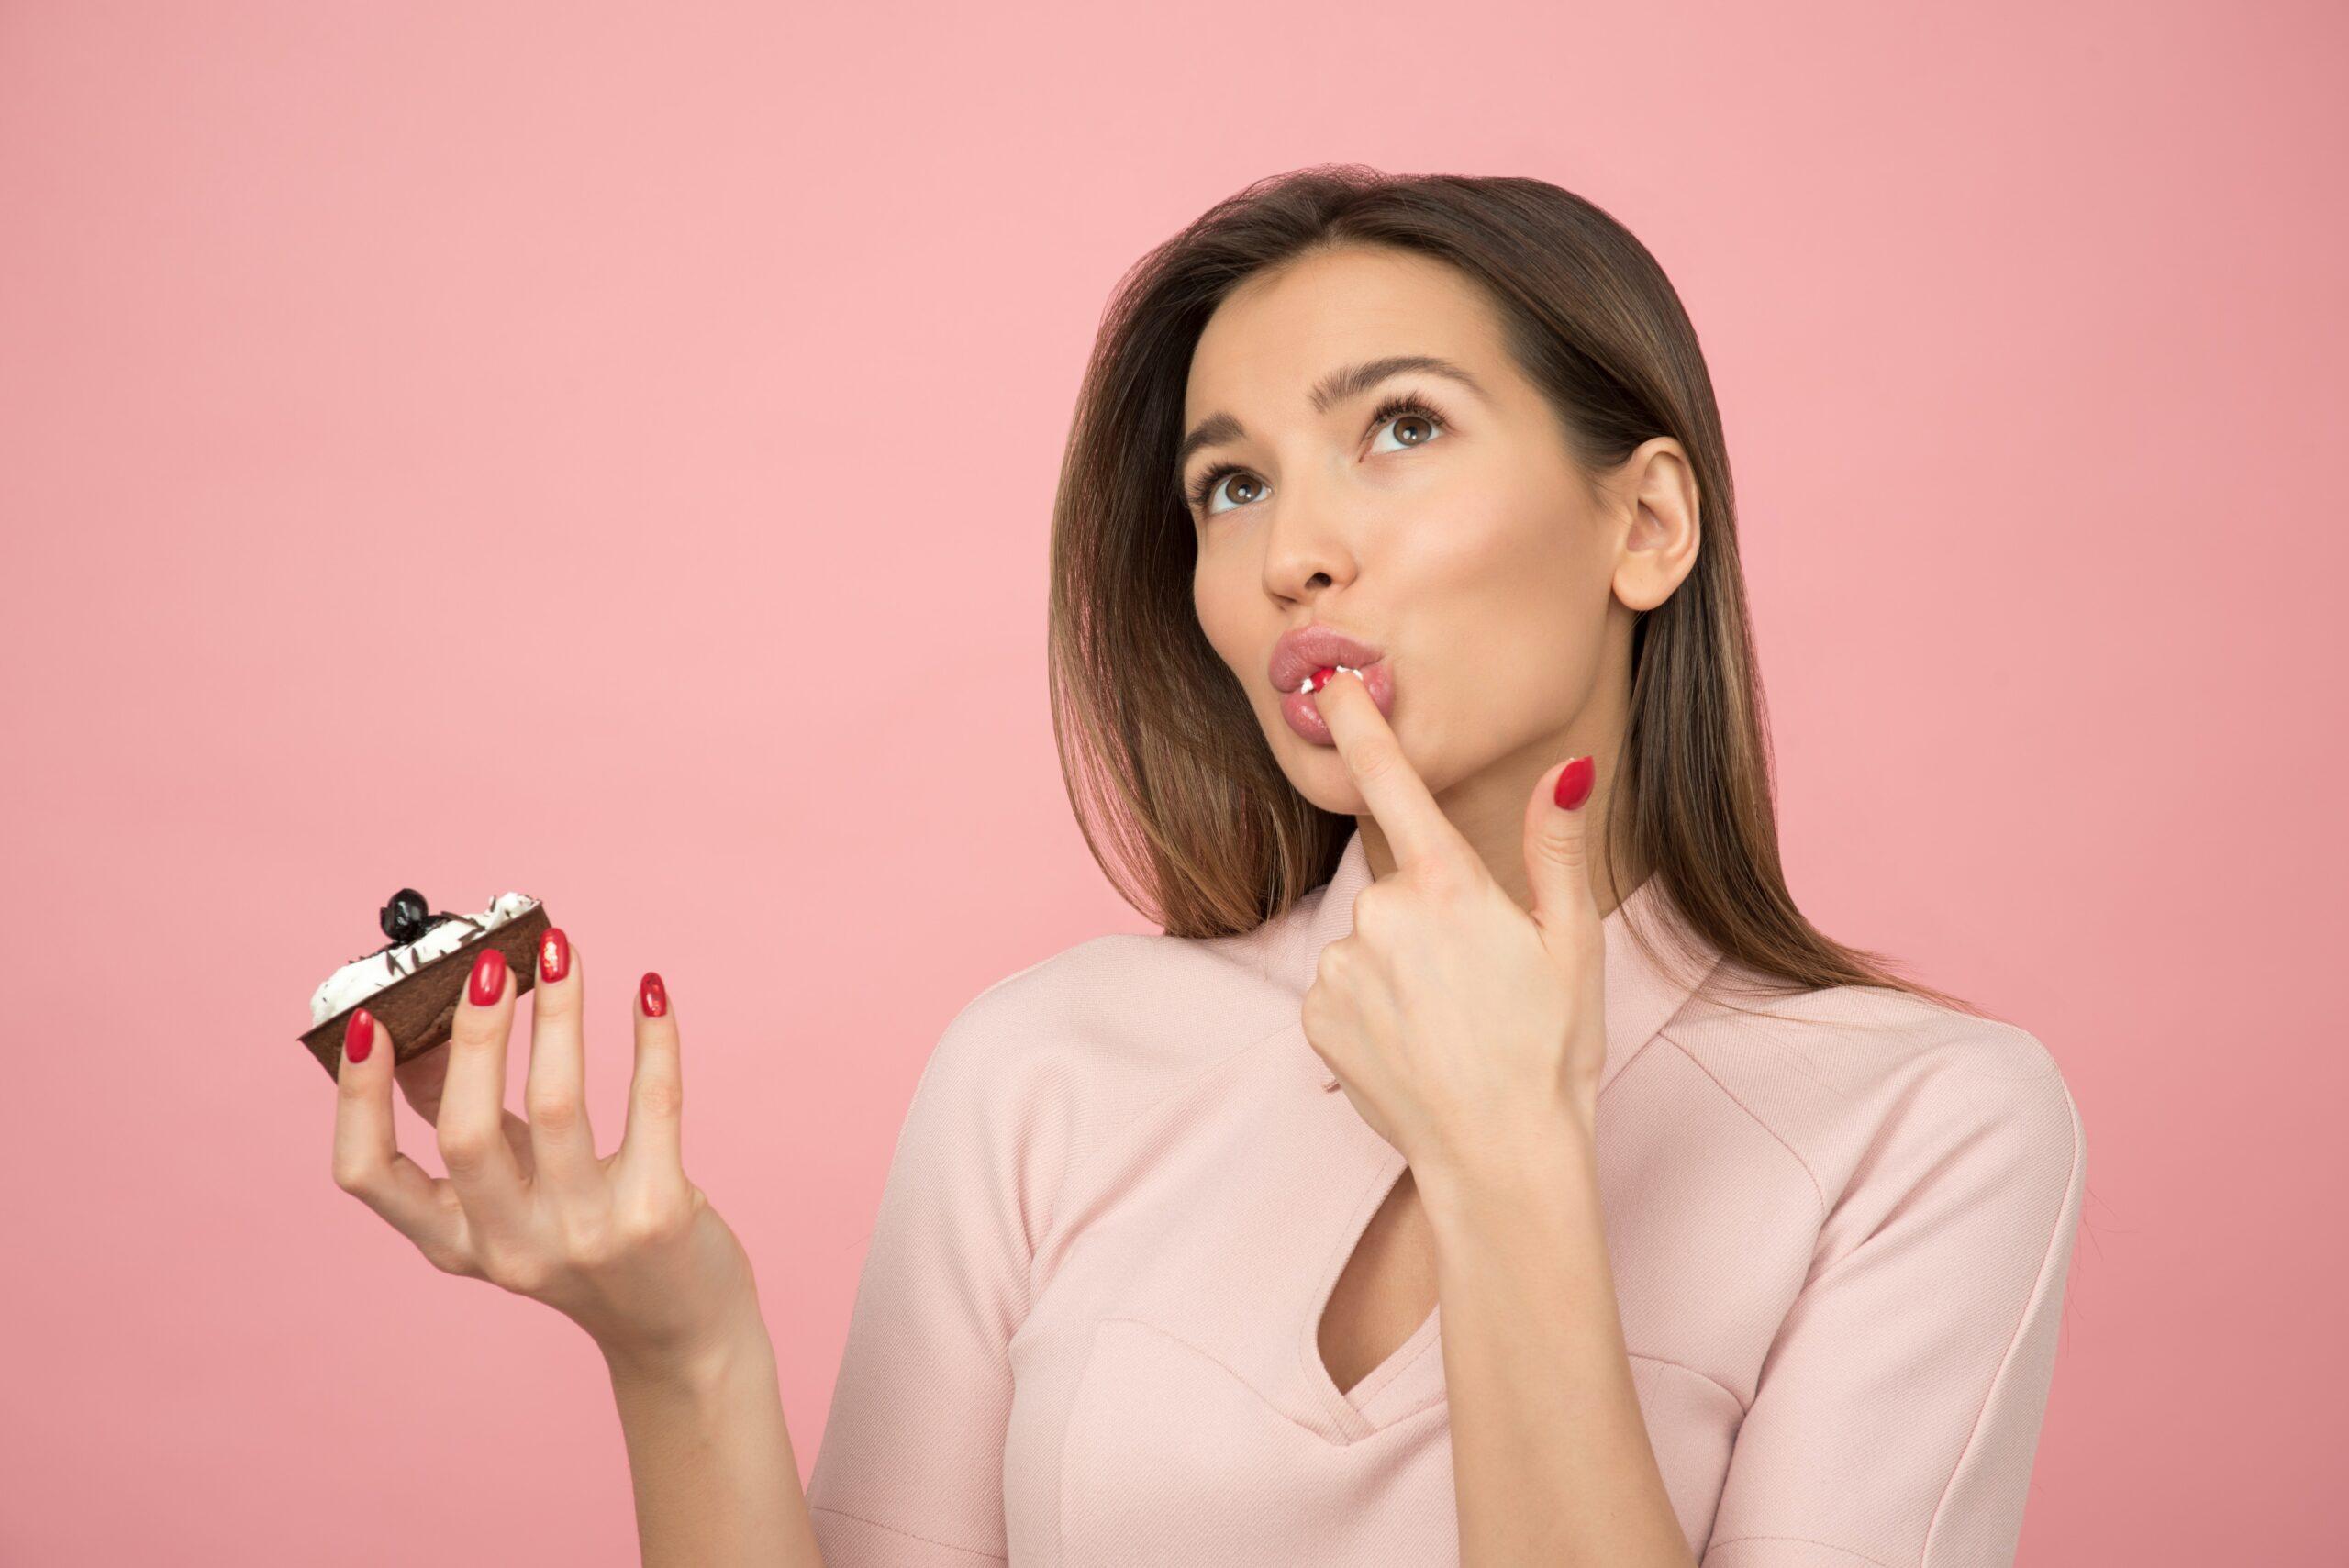 食事誘発性熱産生を高めてダイエット|食事誘発性熱産生をより高くする方法とは?